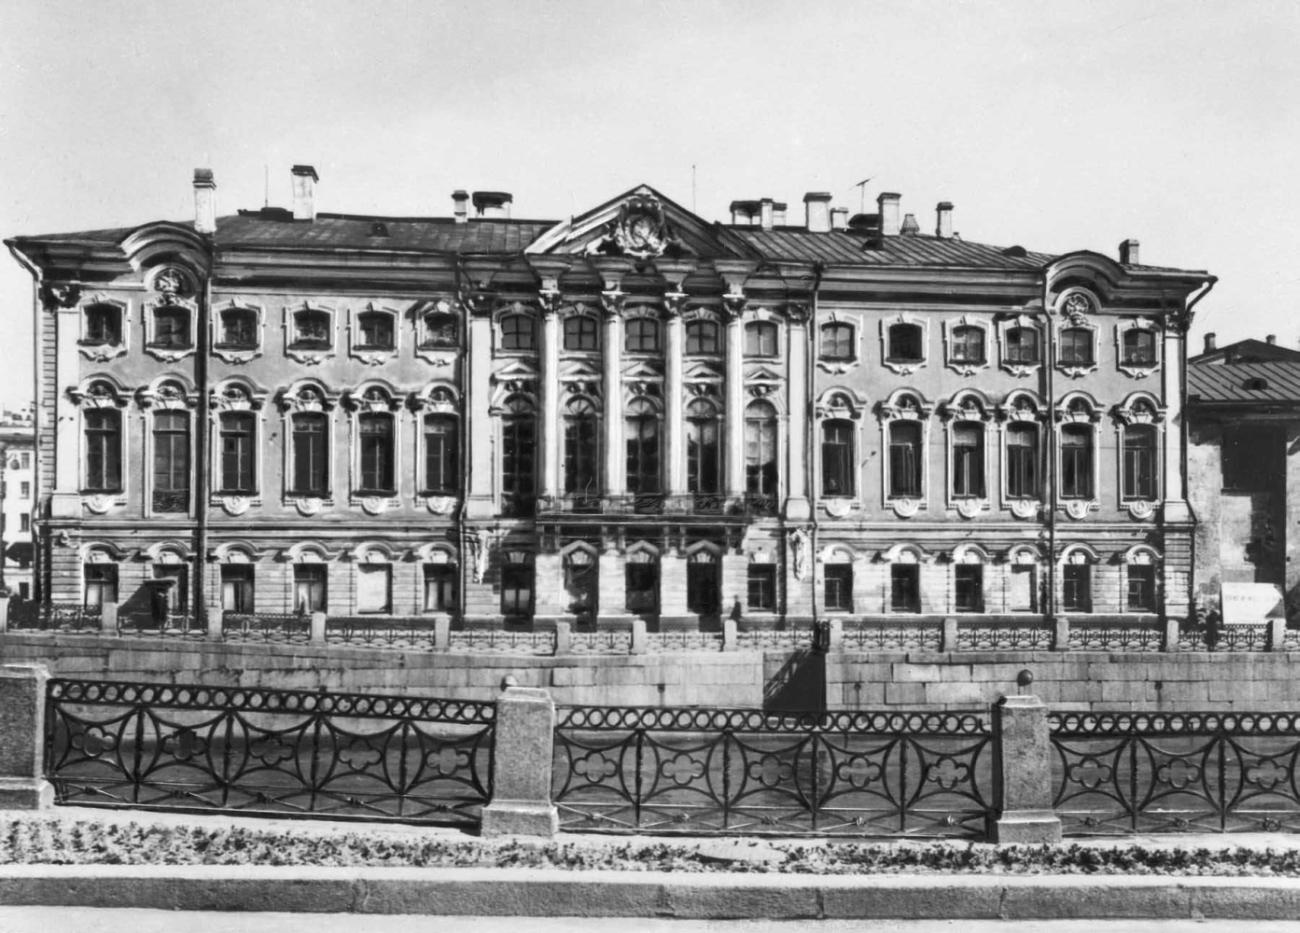 Бывший дворец С. Г. Строганова. 1752 - 1754. Архитектор В. В. Растрелли. Вид с набережной Мойки.